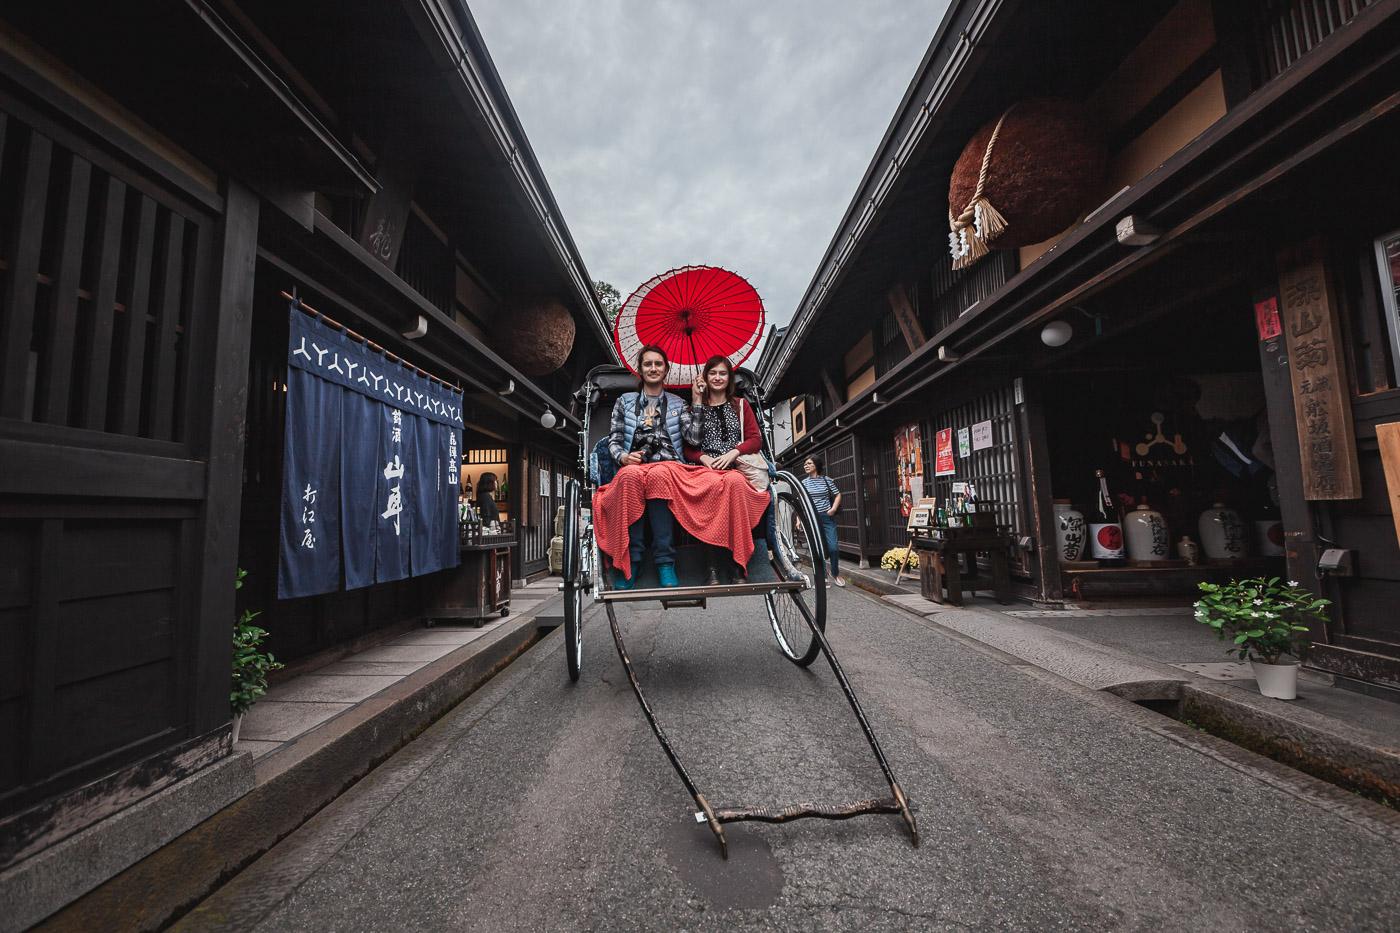 takayama rikshaw